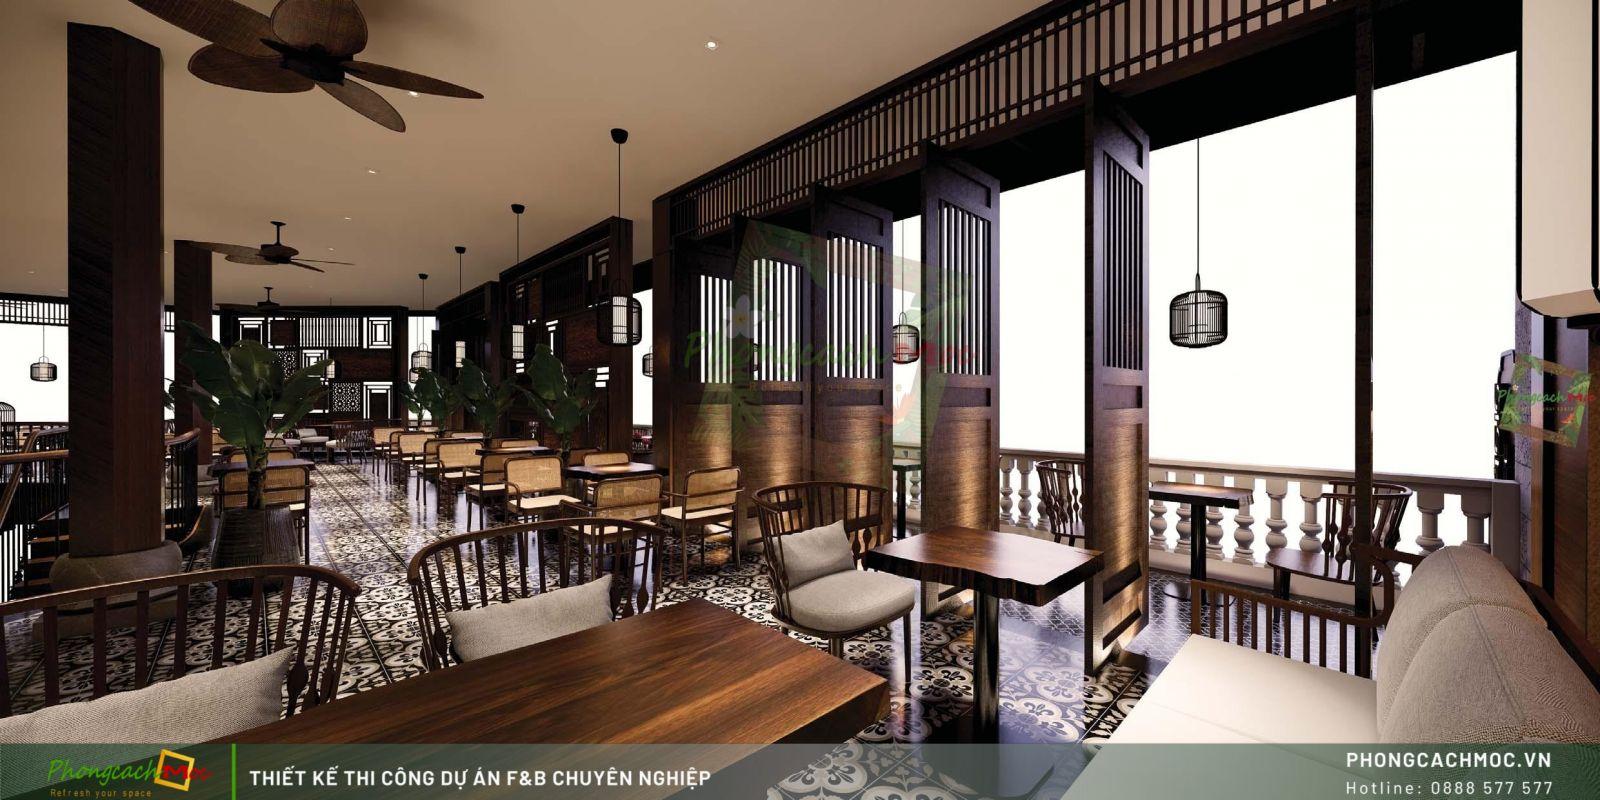 Thiet-ke-quan-cafe-The-Oasis-coffee-Binh-Duong-41